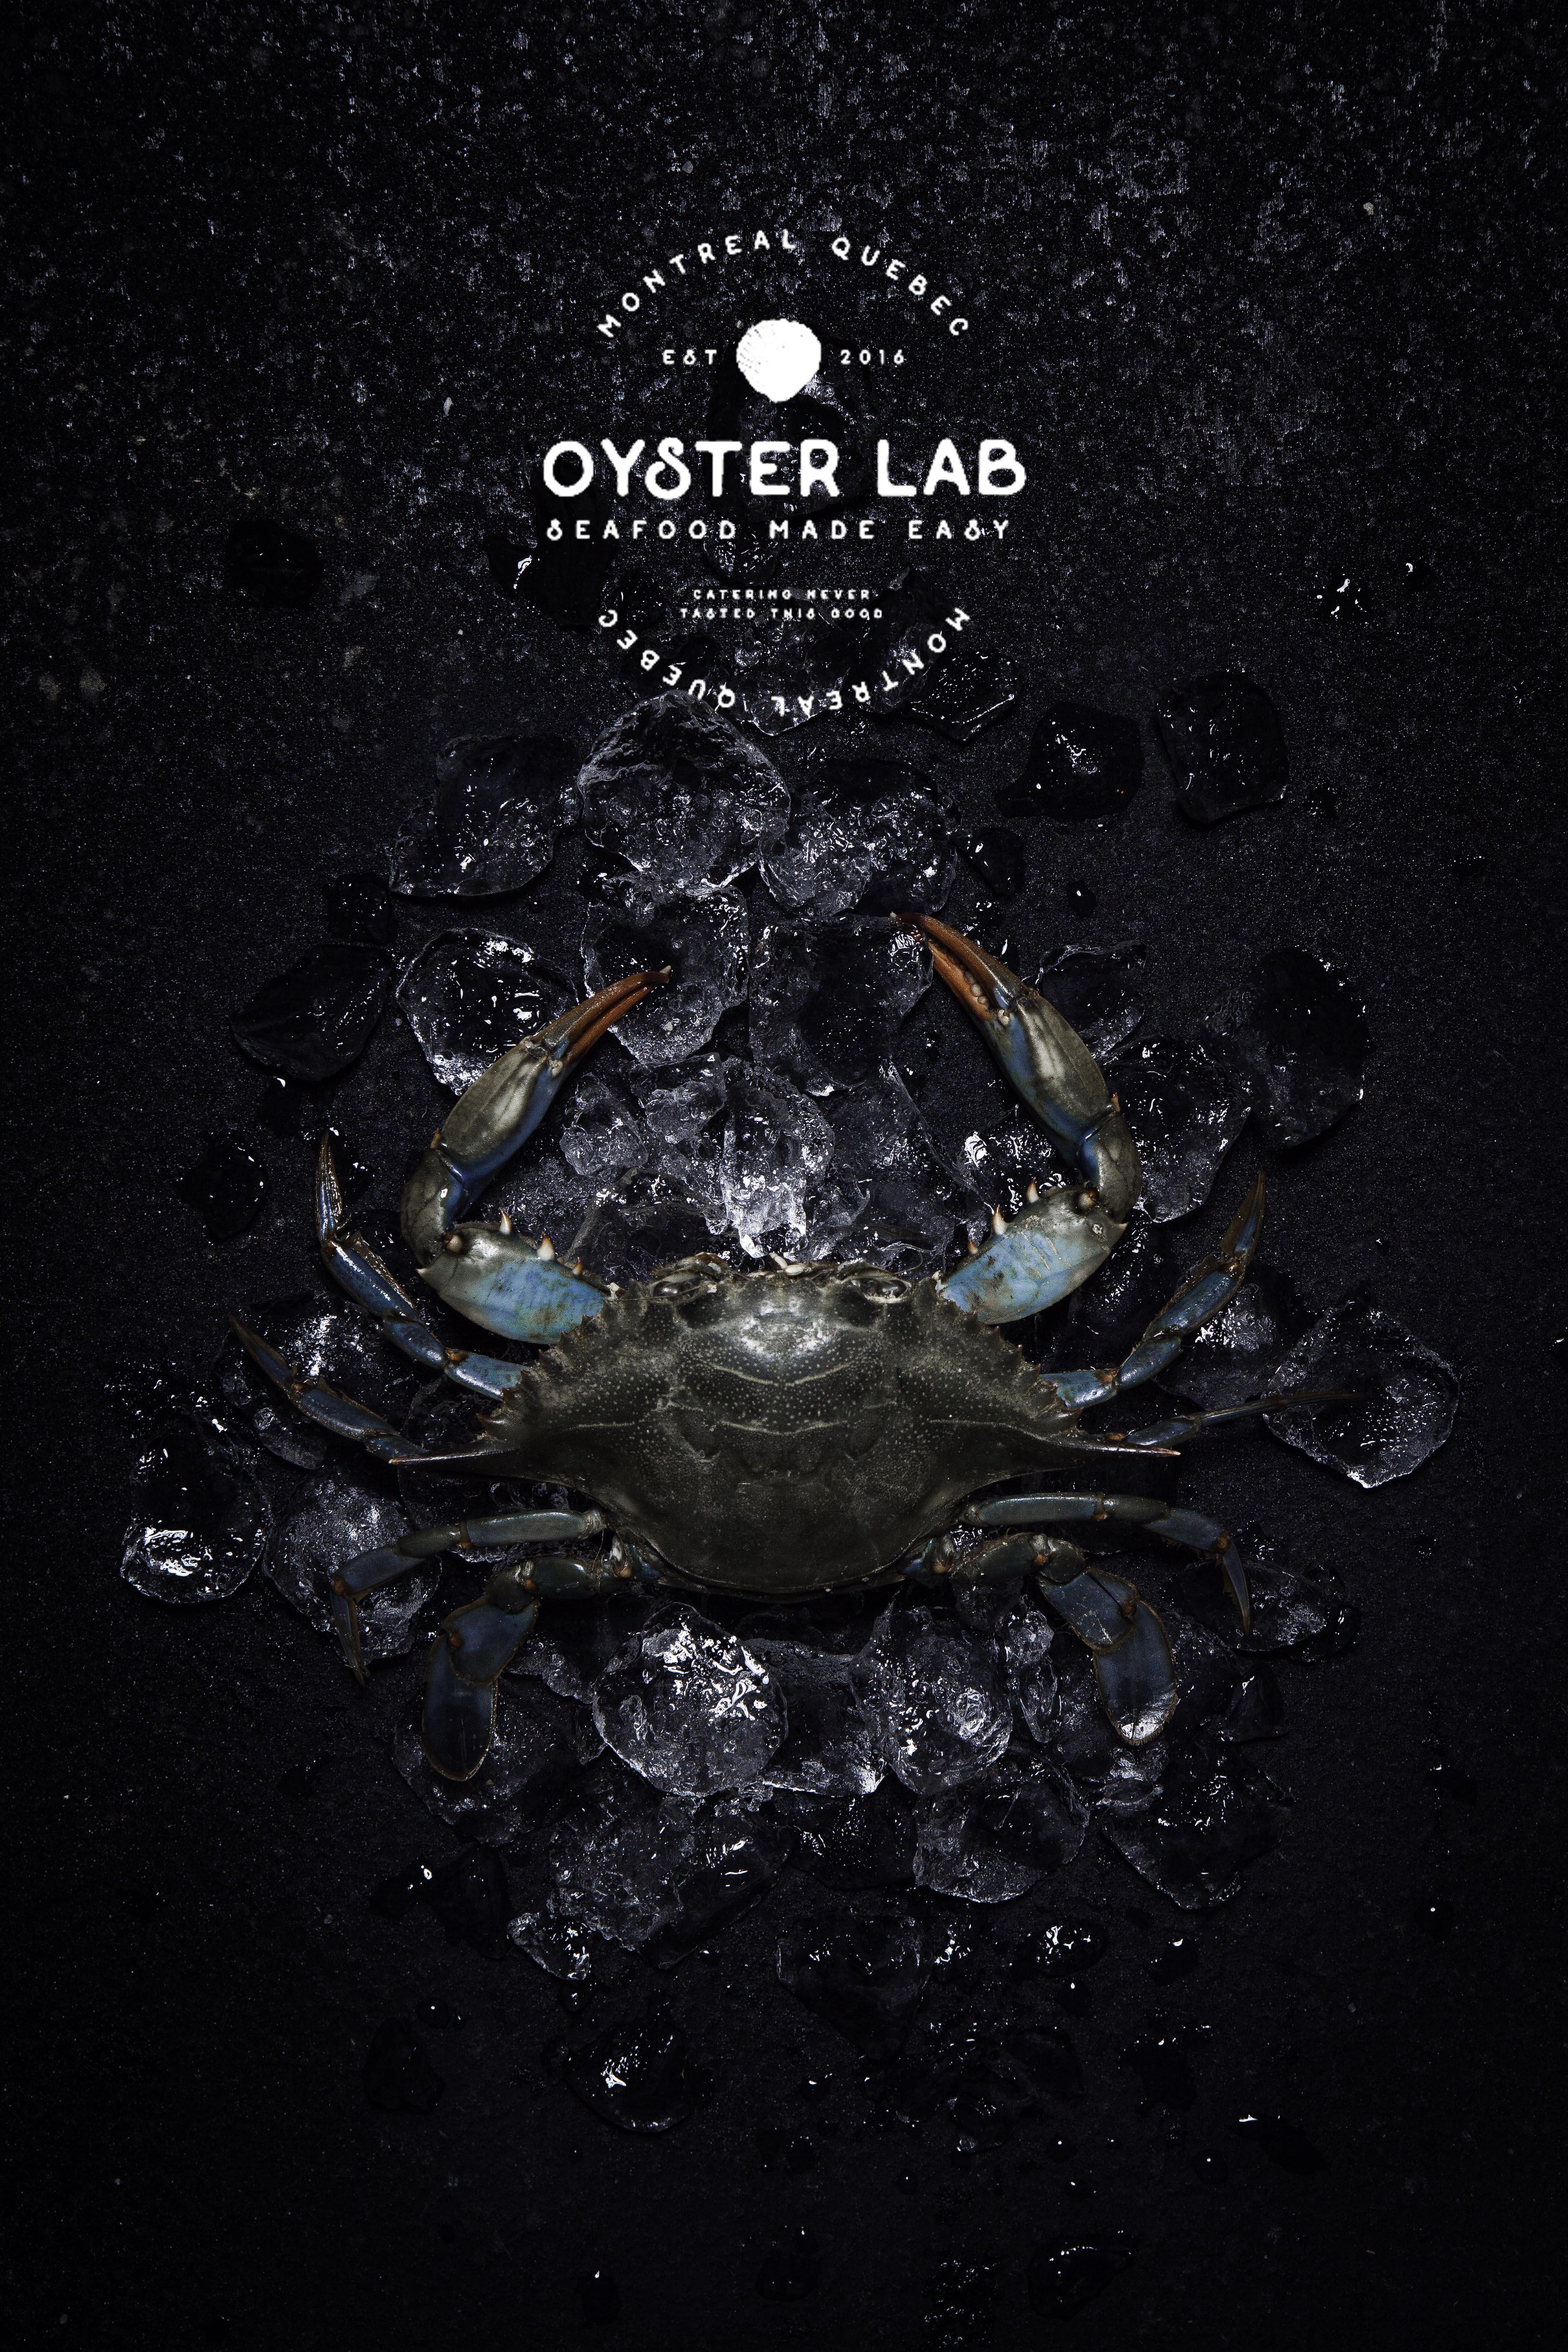 crabeoysterlab